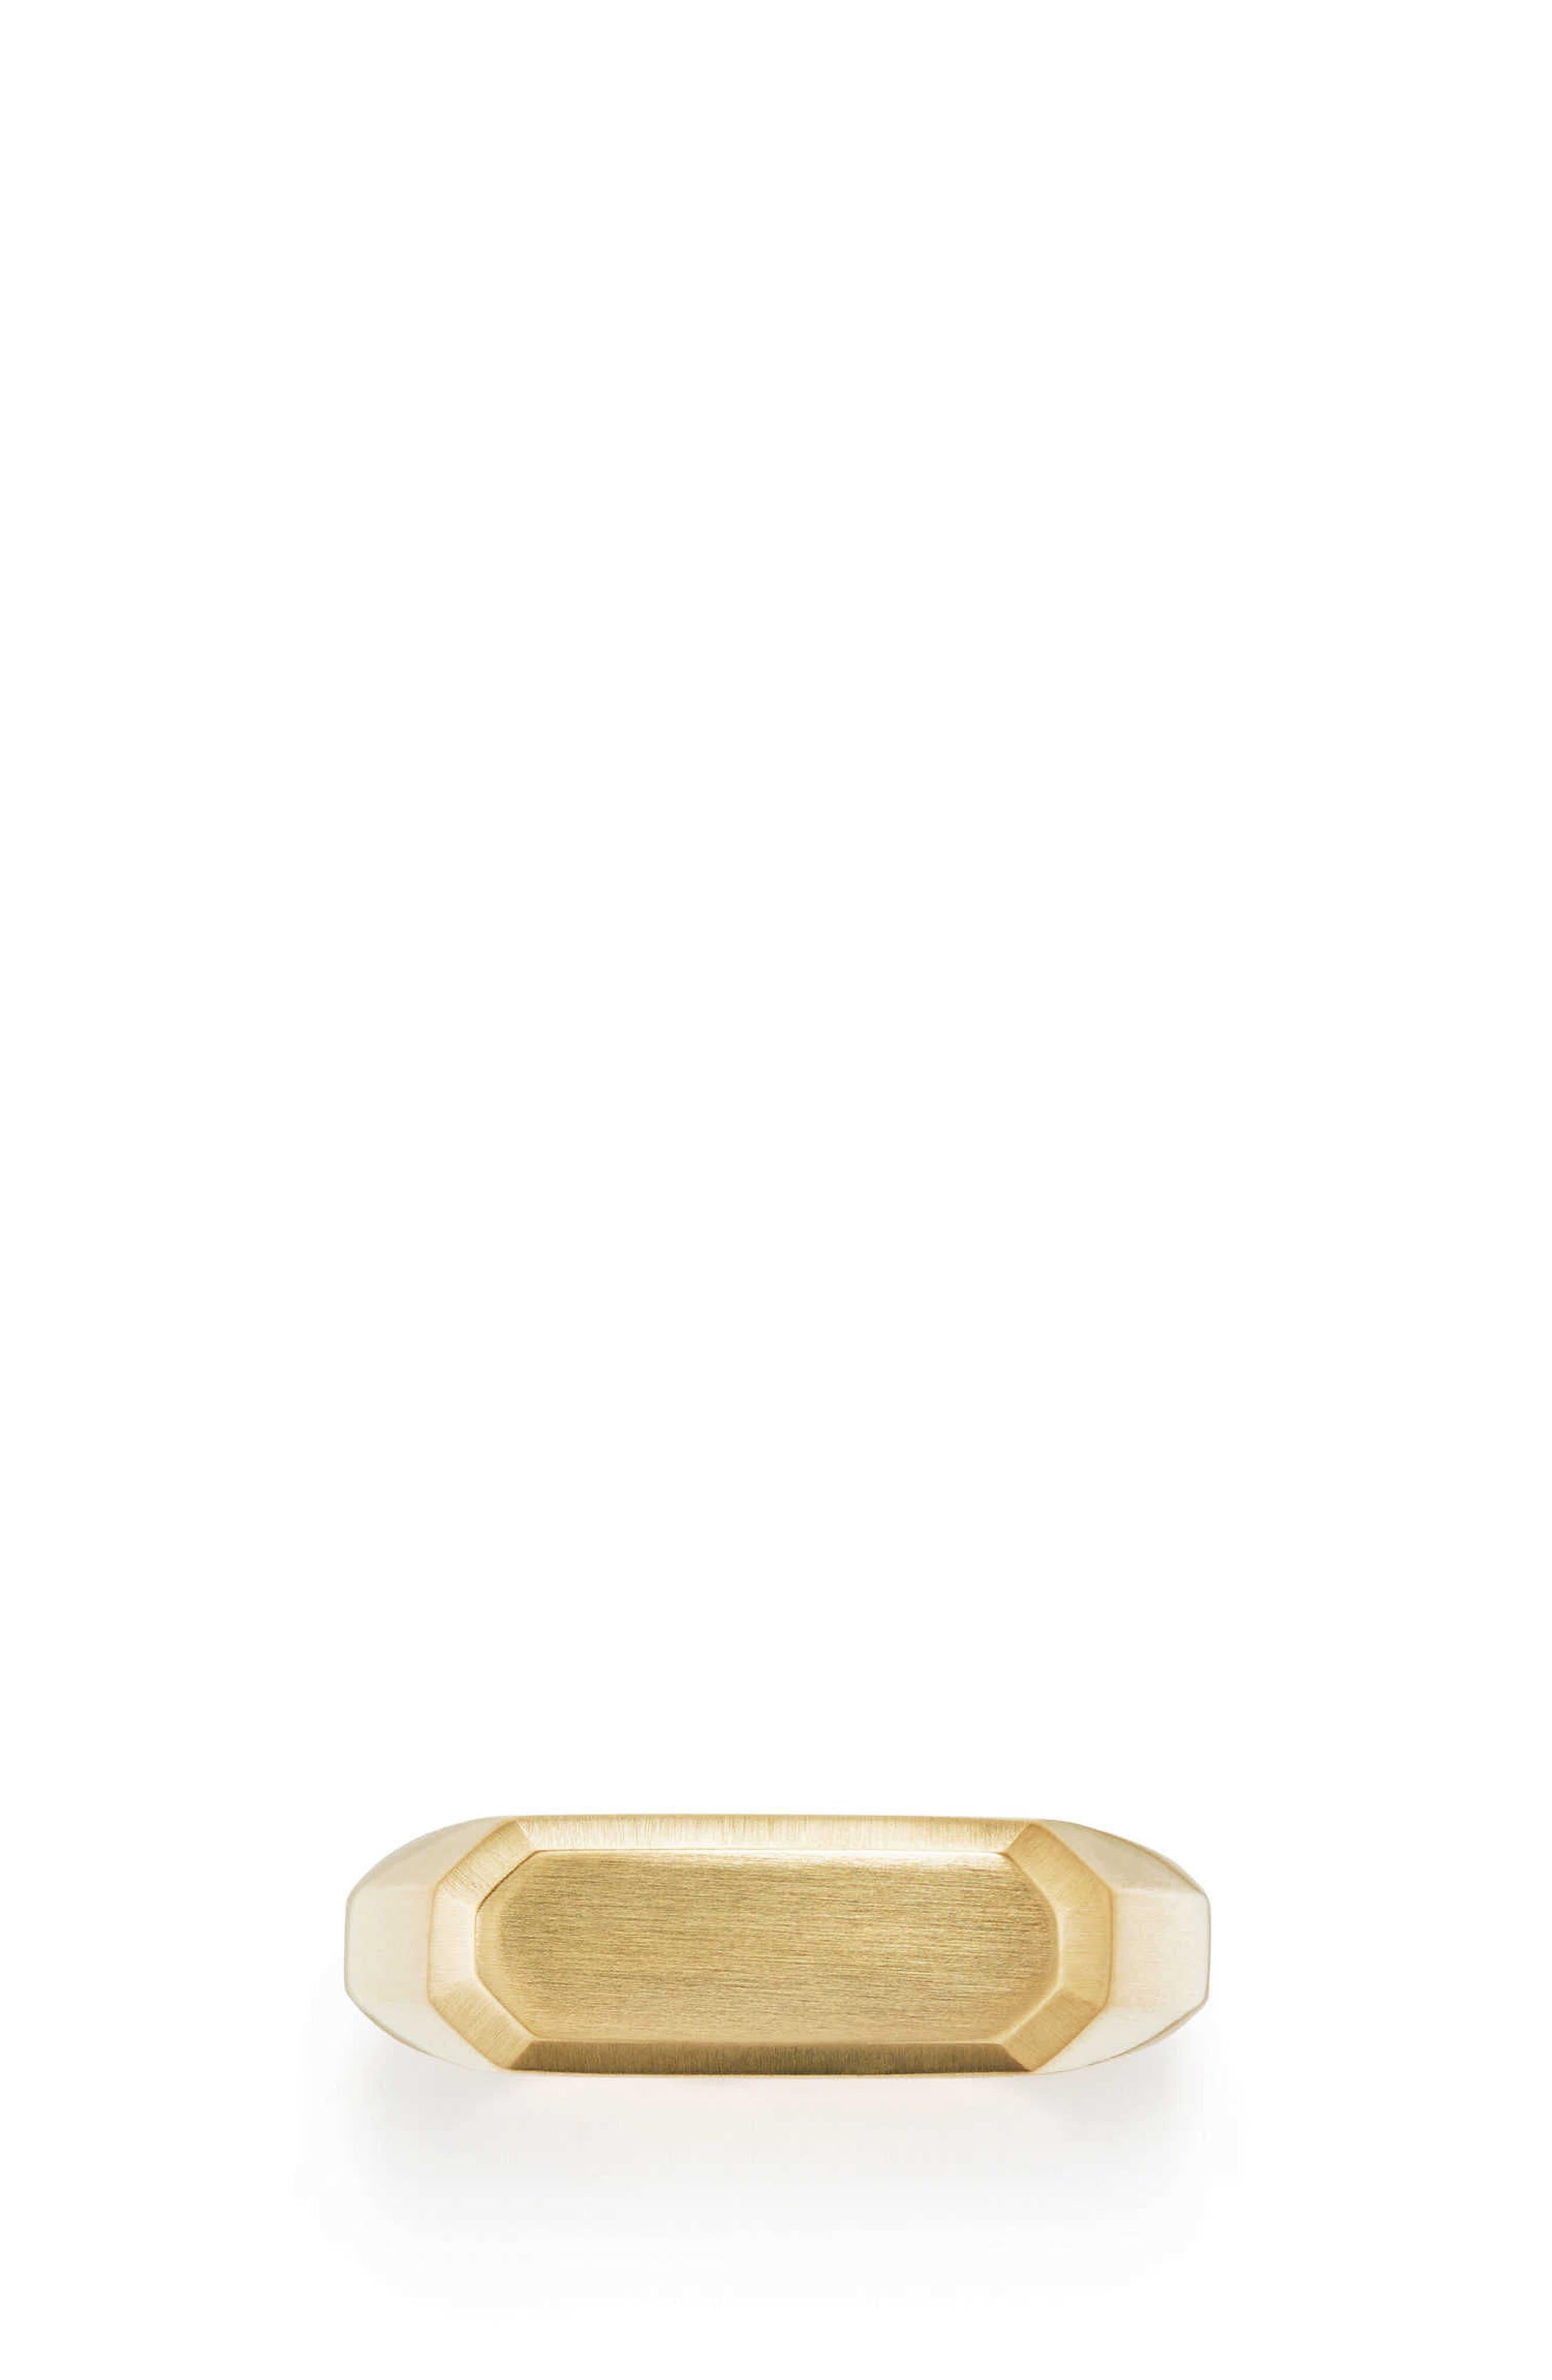 Streamline Signet Ring in 18K Gold,                             Alternate thumbnail 3, color,                             GOLD